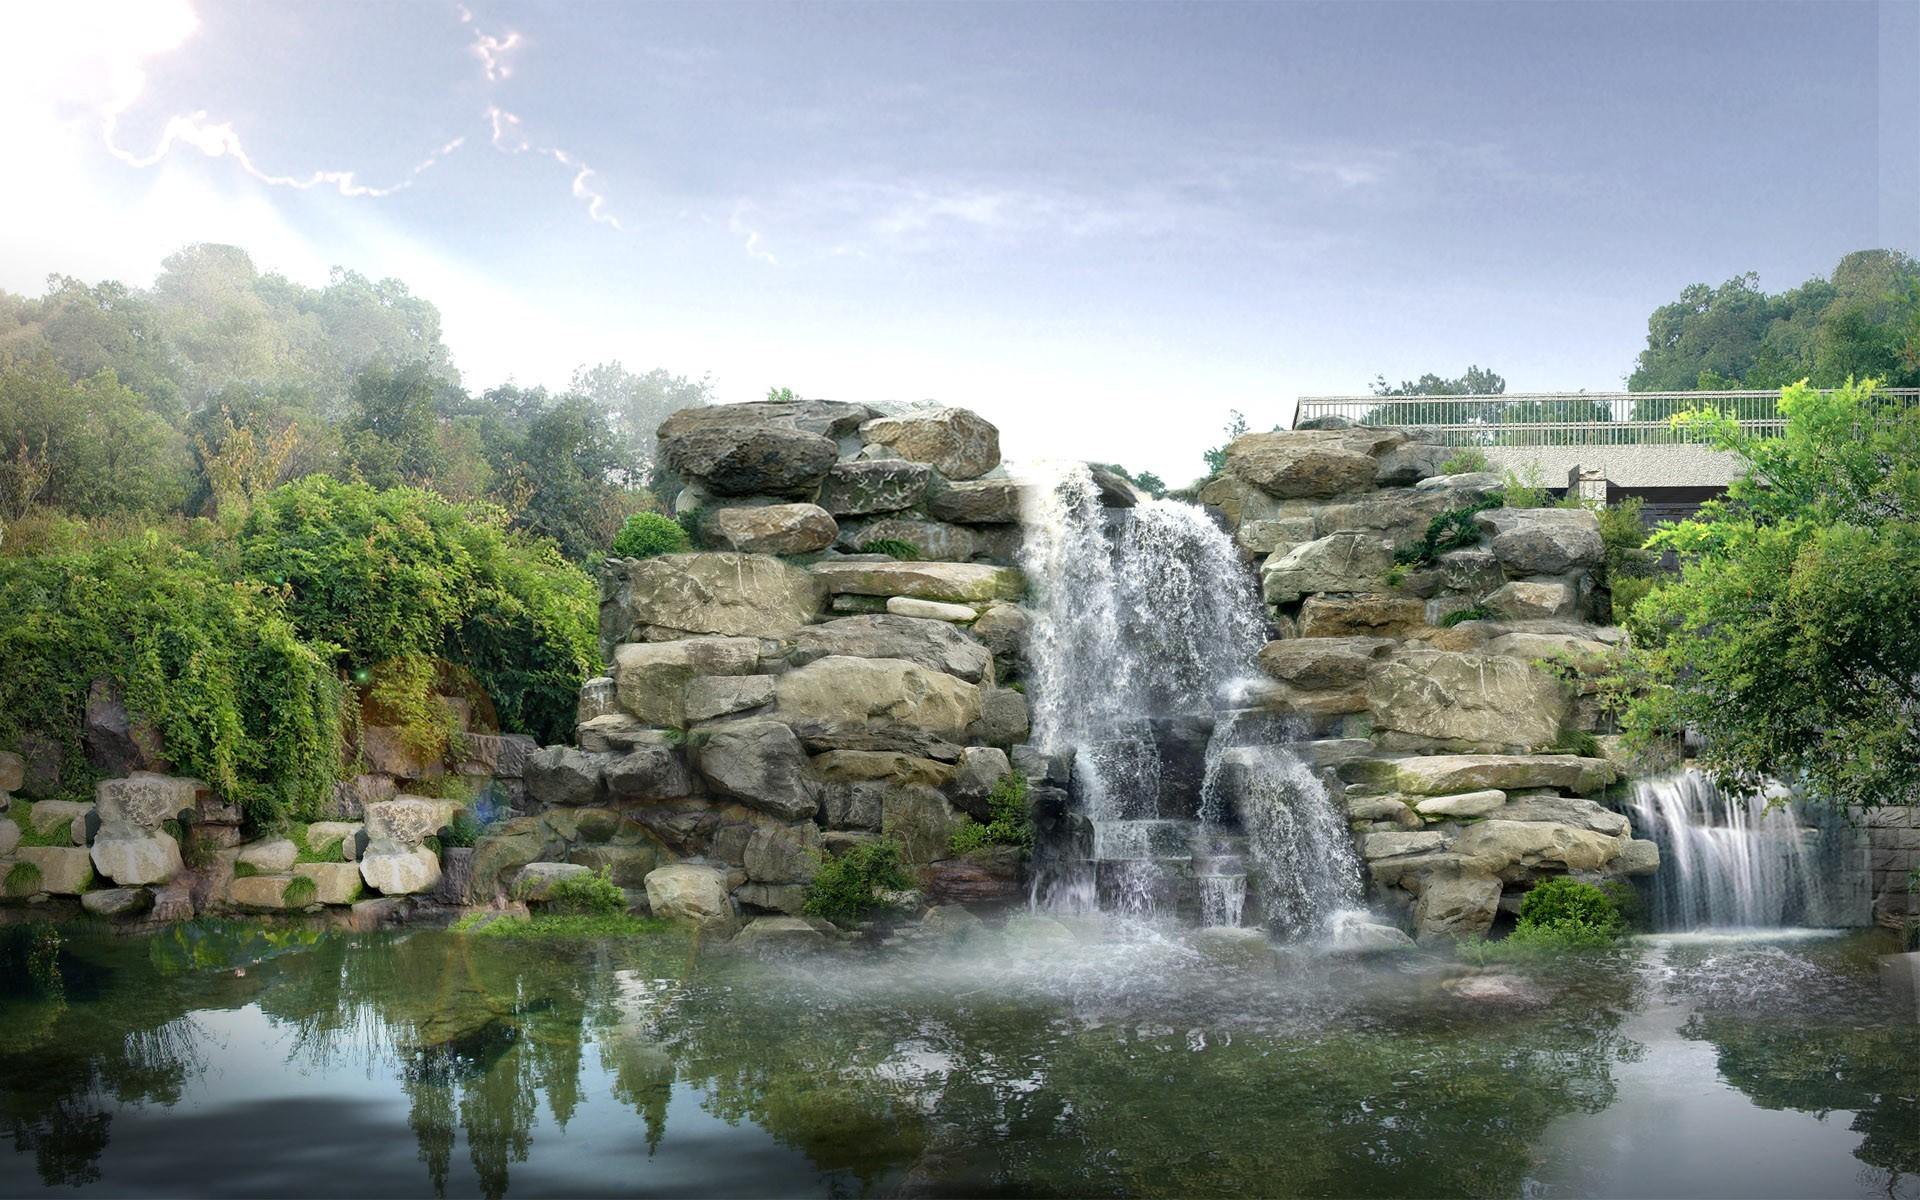 17 Gorgeous CG Landscapes of Japan Place # 14